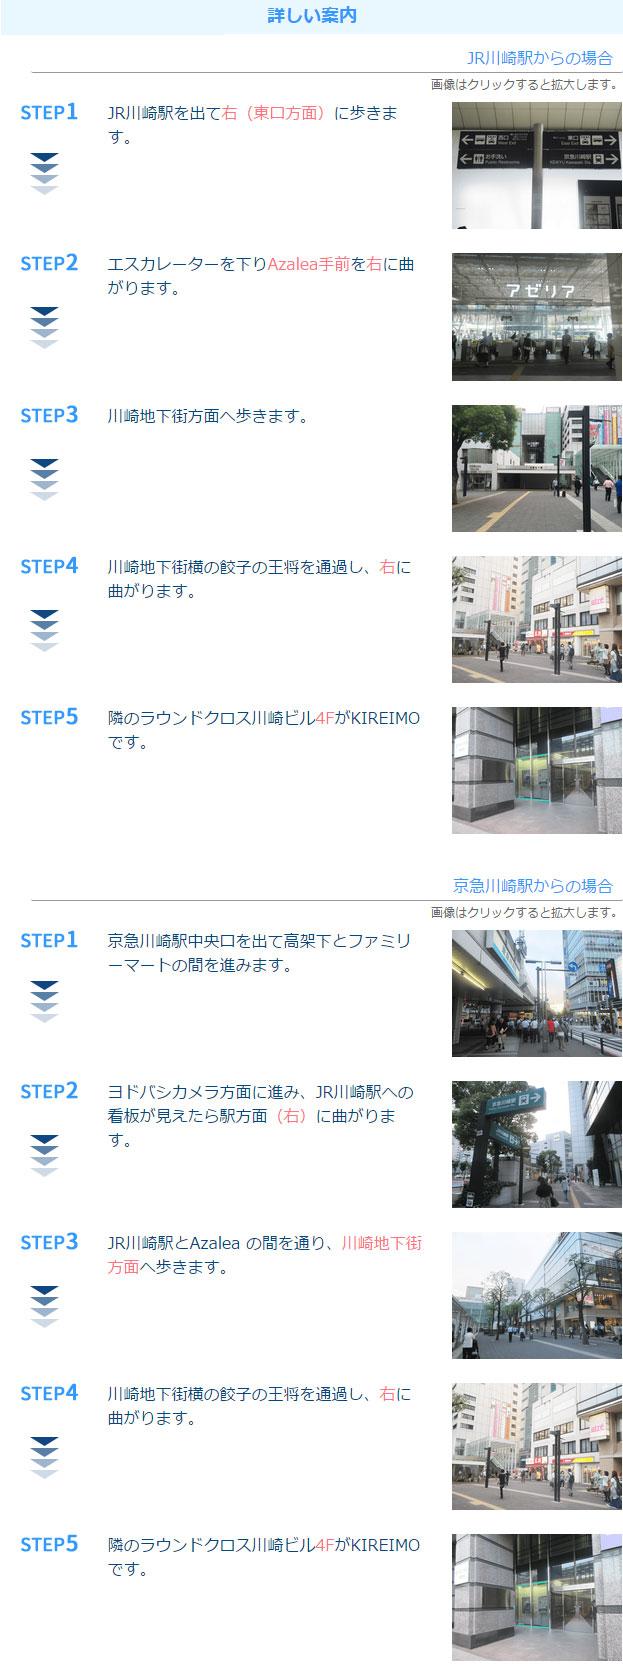 キレイモ川崎店アクセス